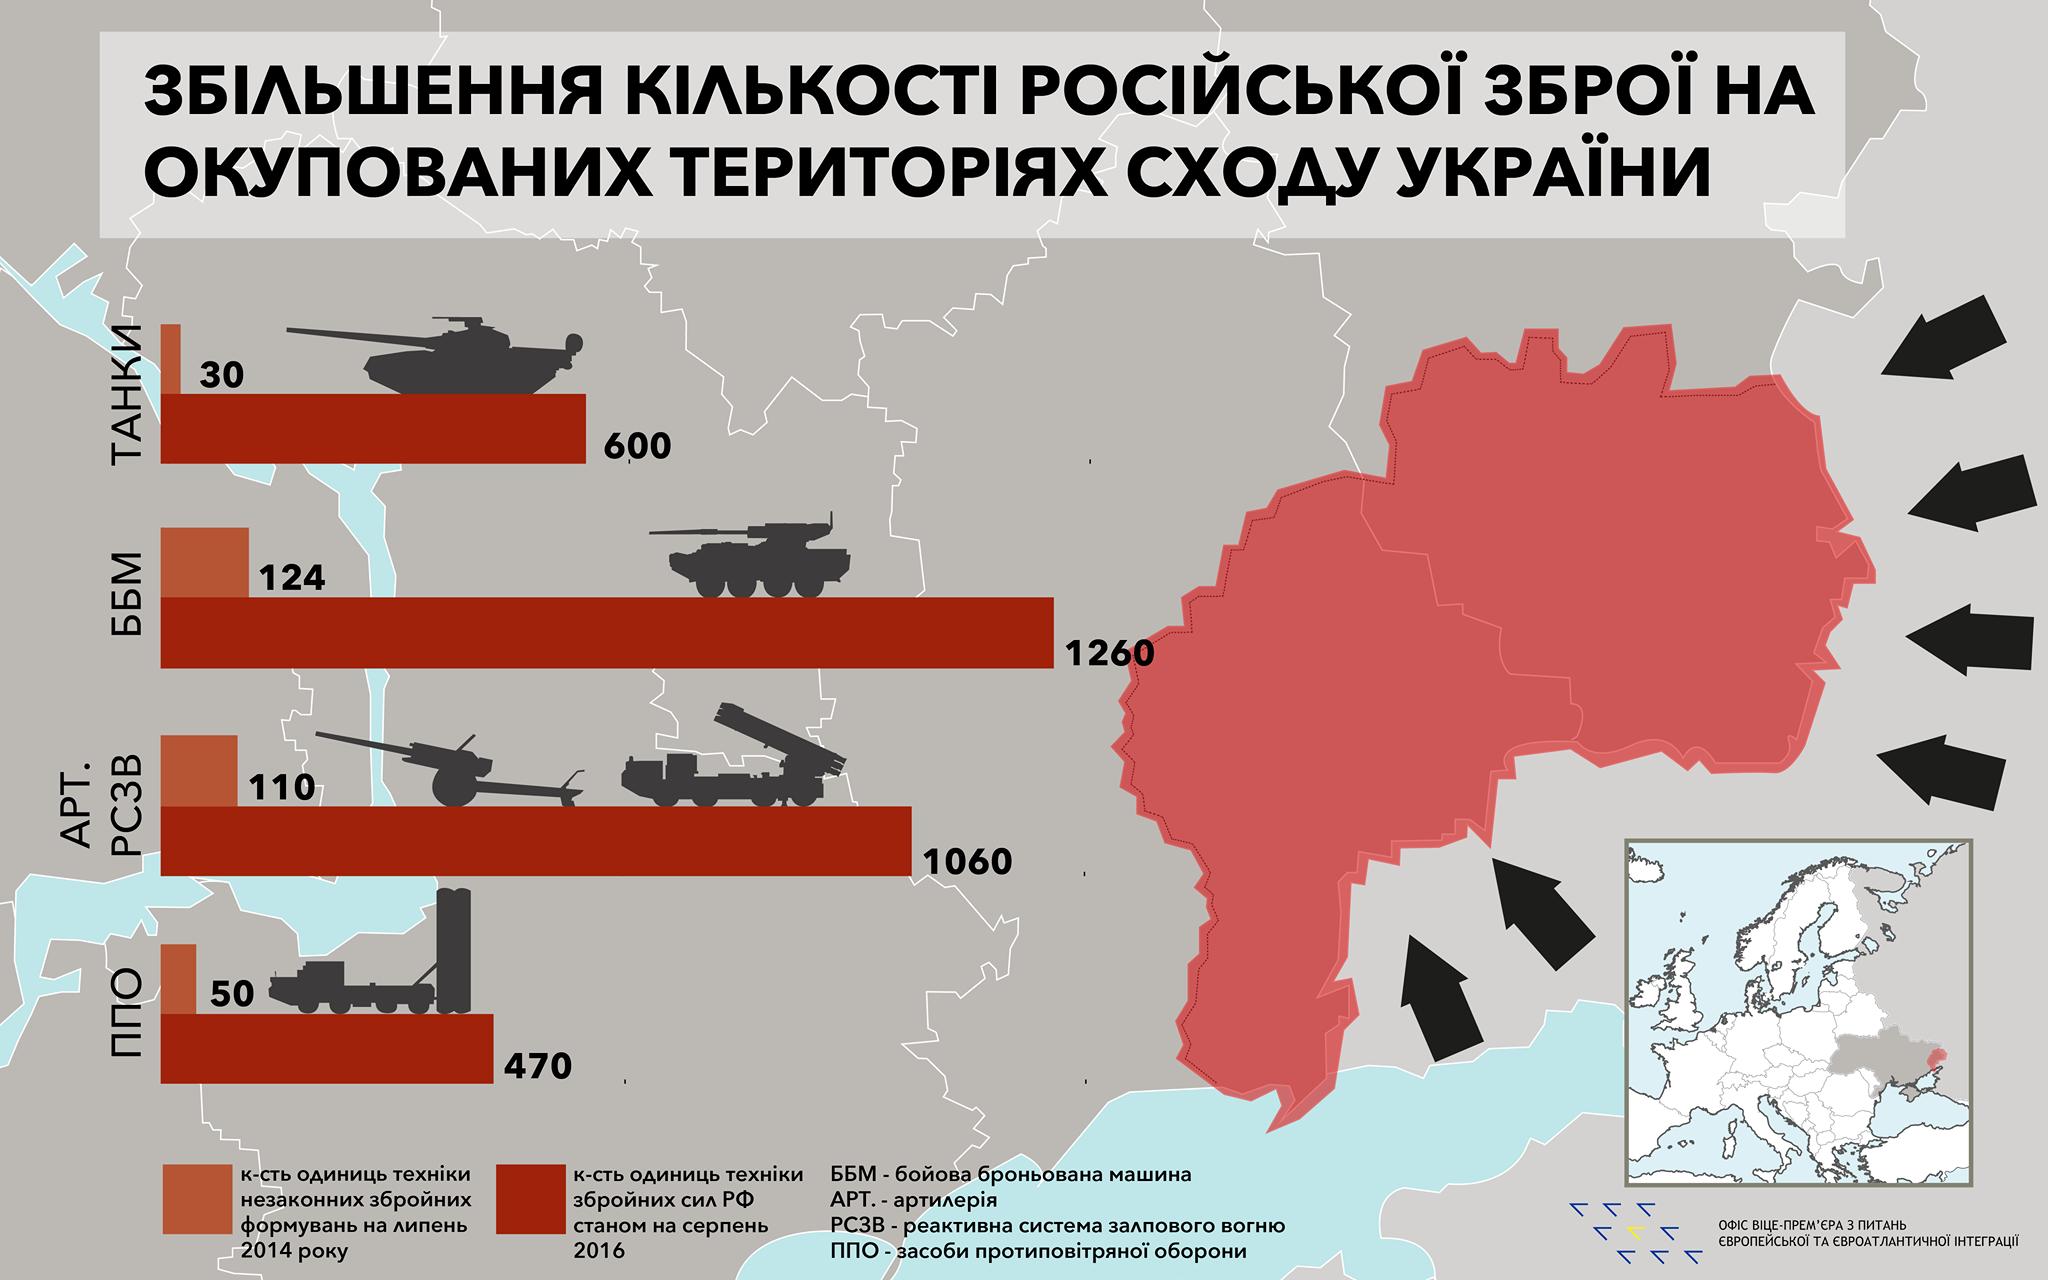 Кремль в 10 раз увеличил количество военной техники в Донбассе